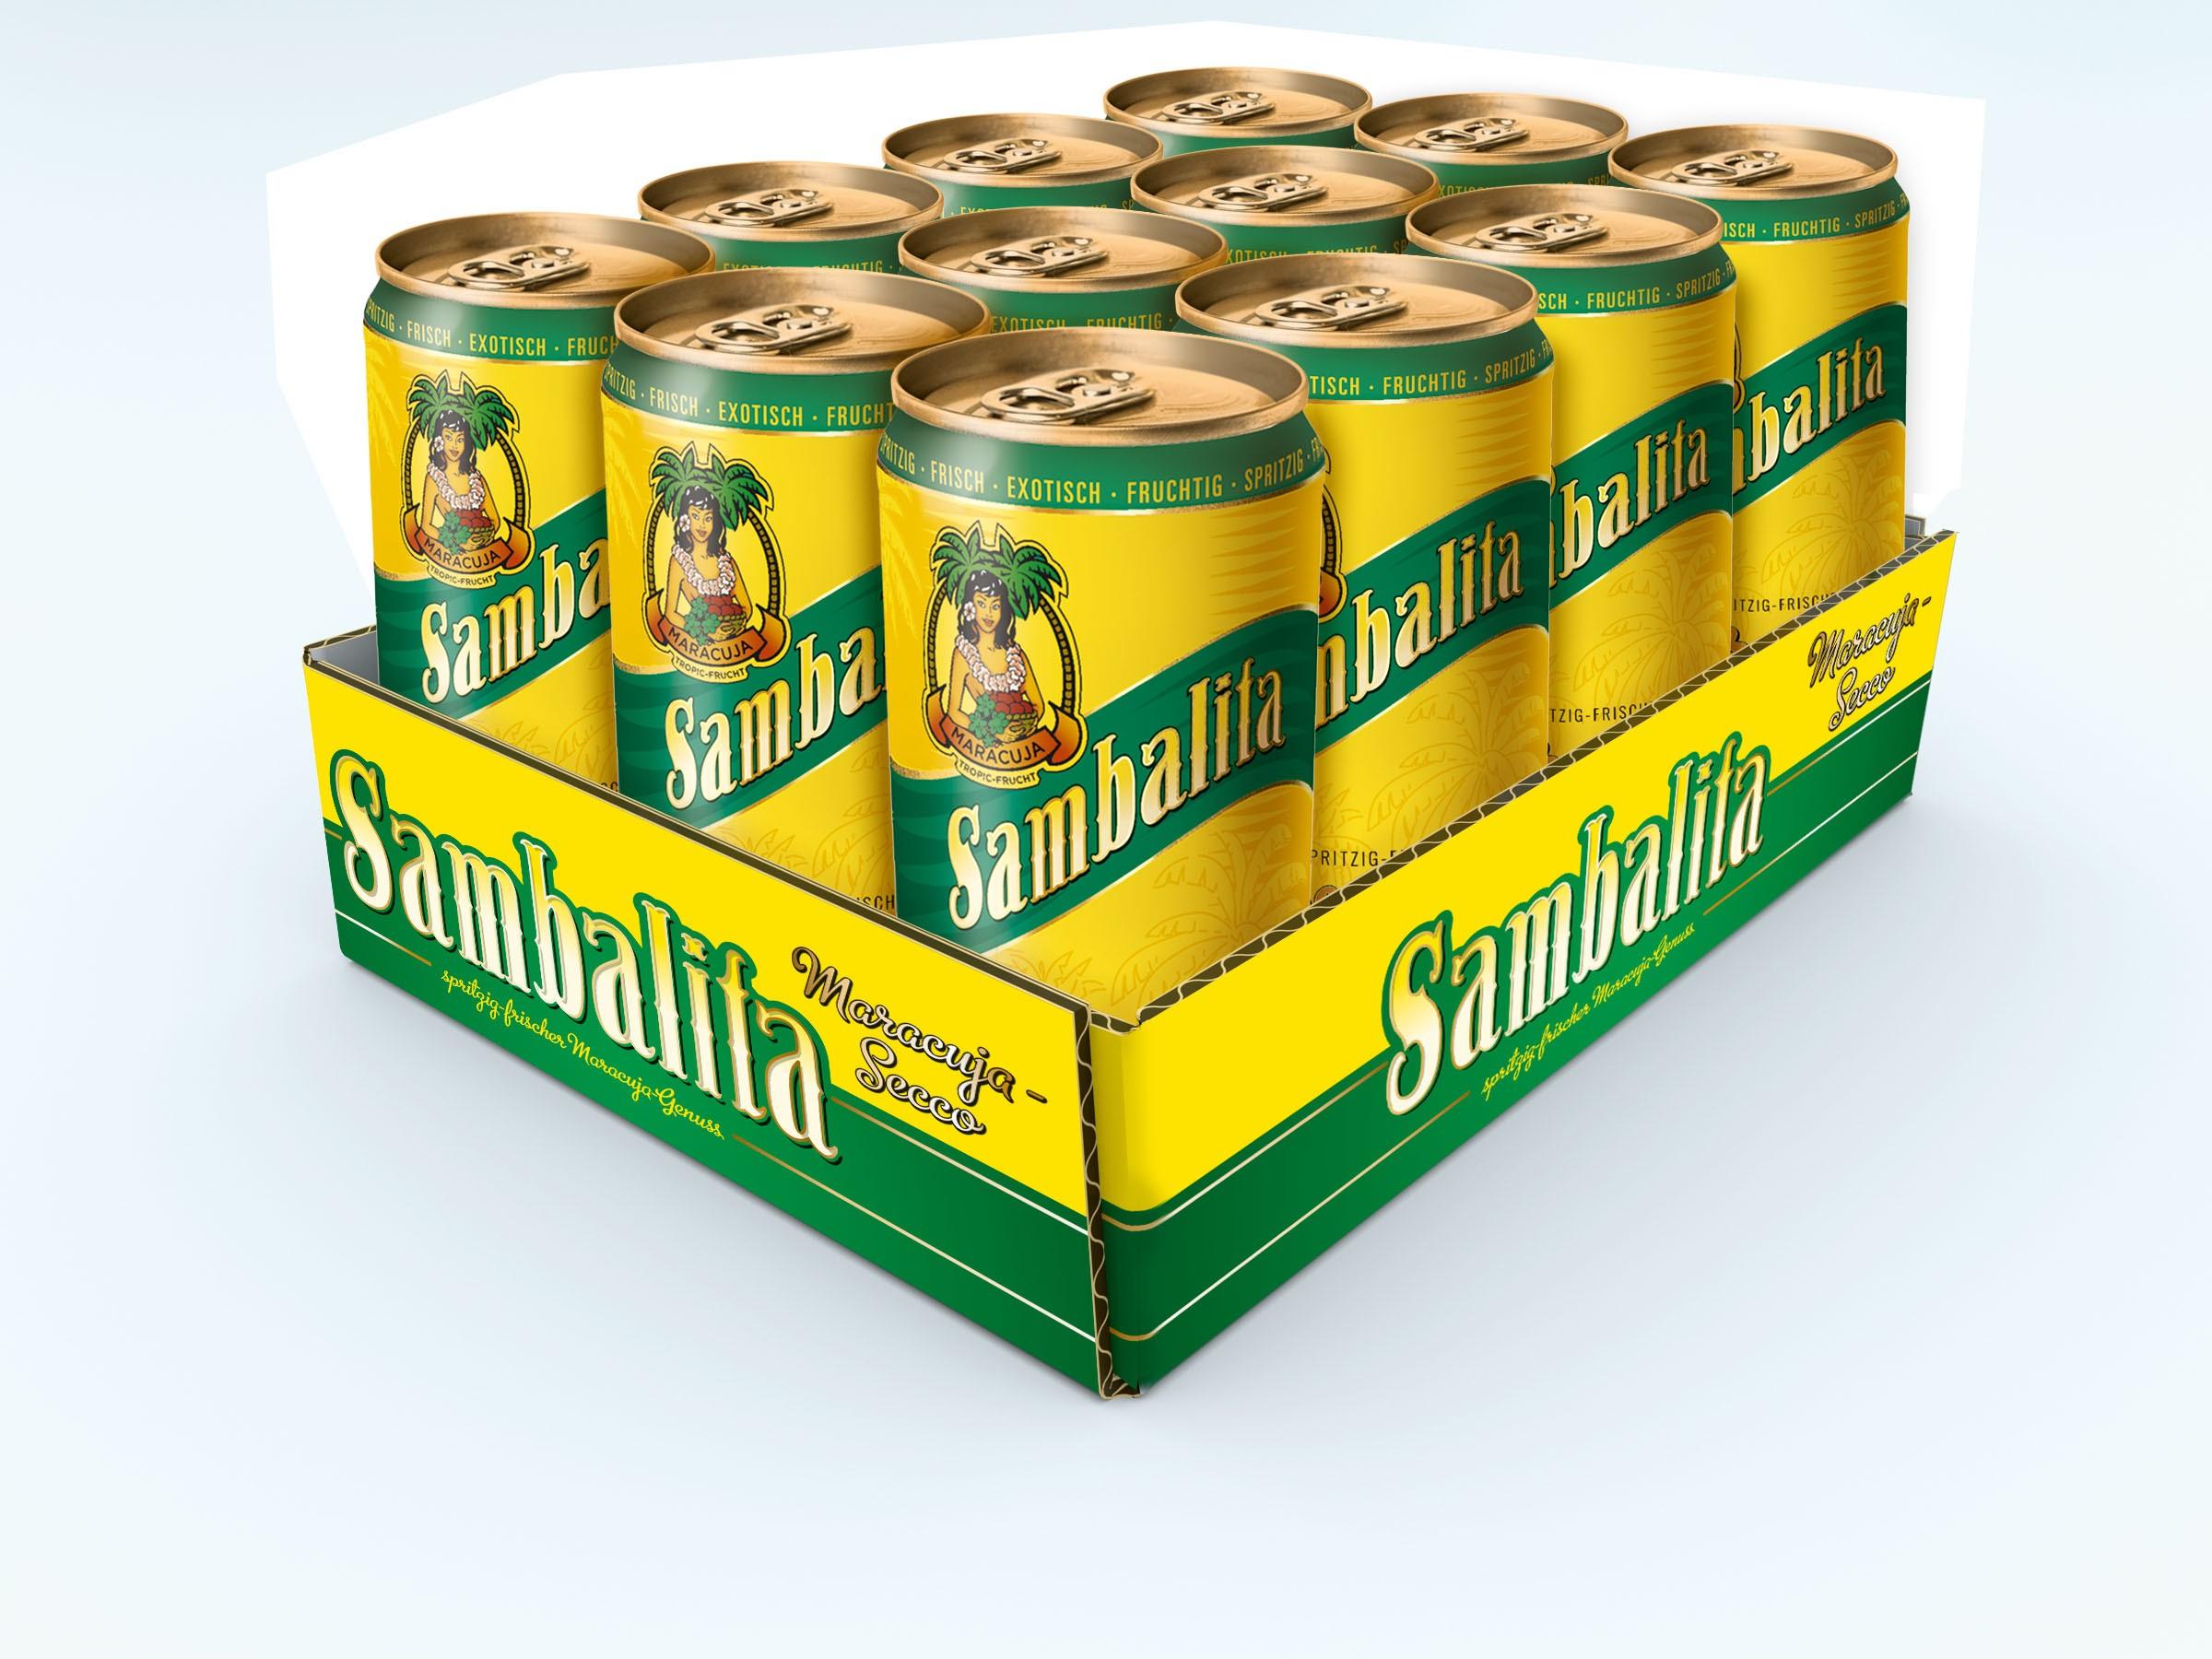 Sambalita Secco 0,2l